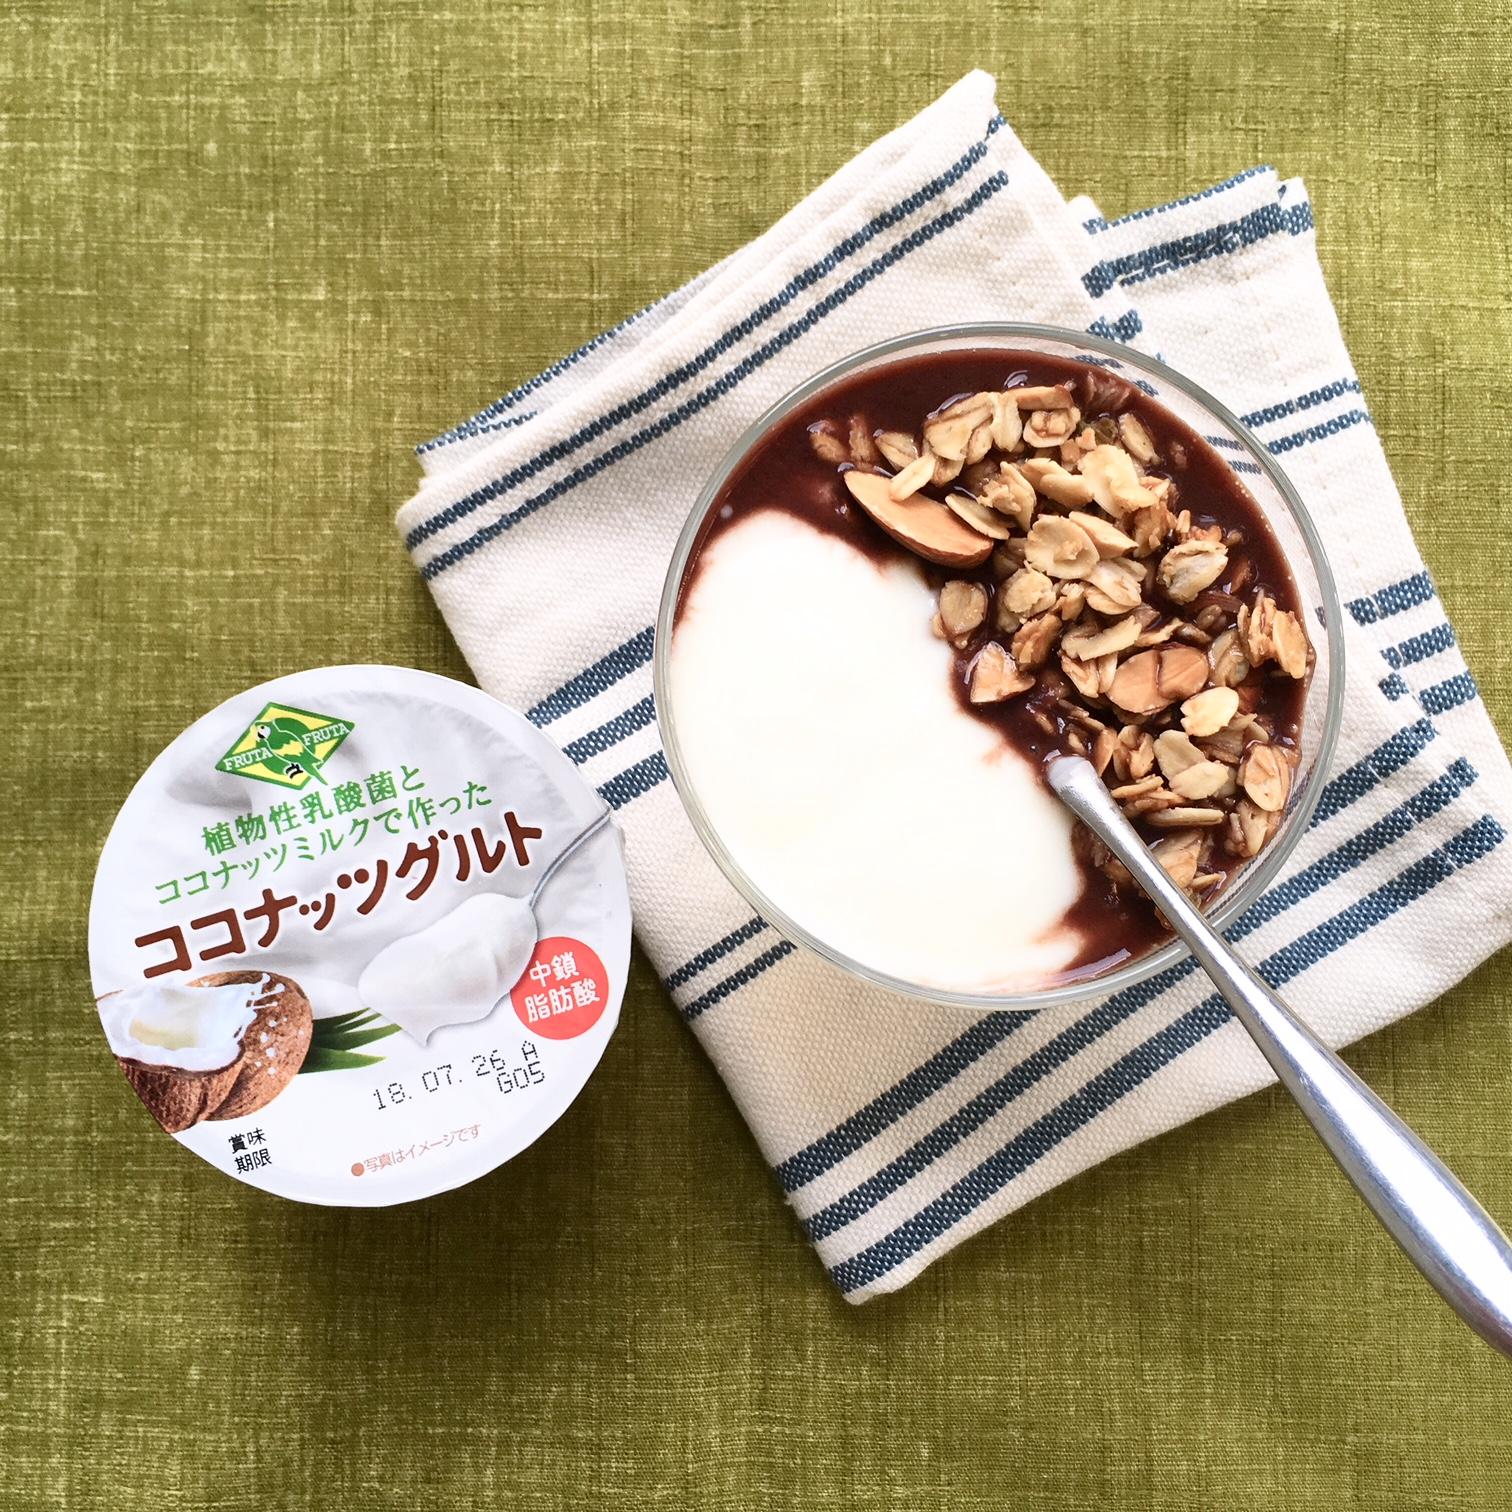 ミルク 栄養 ココナッツ